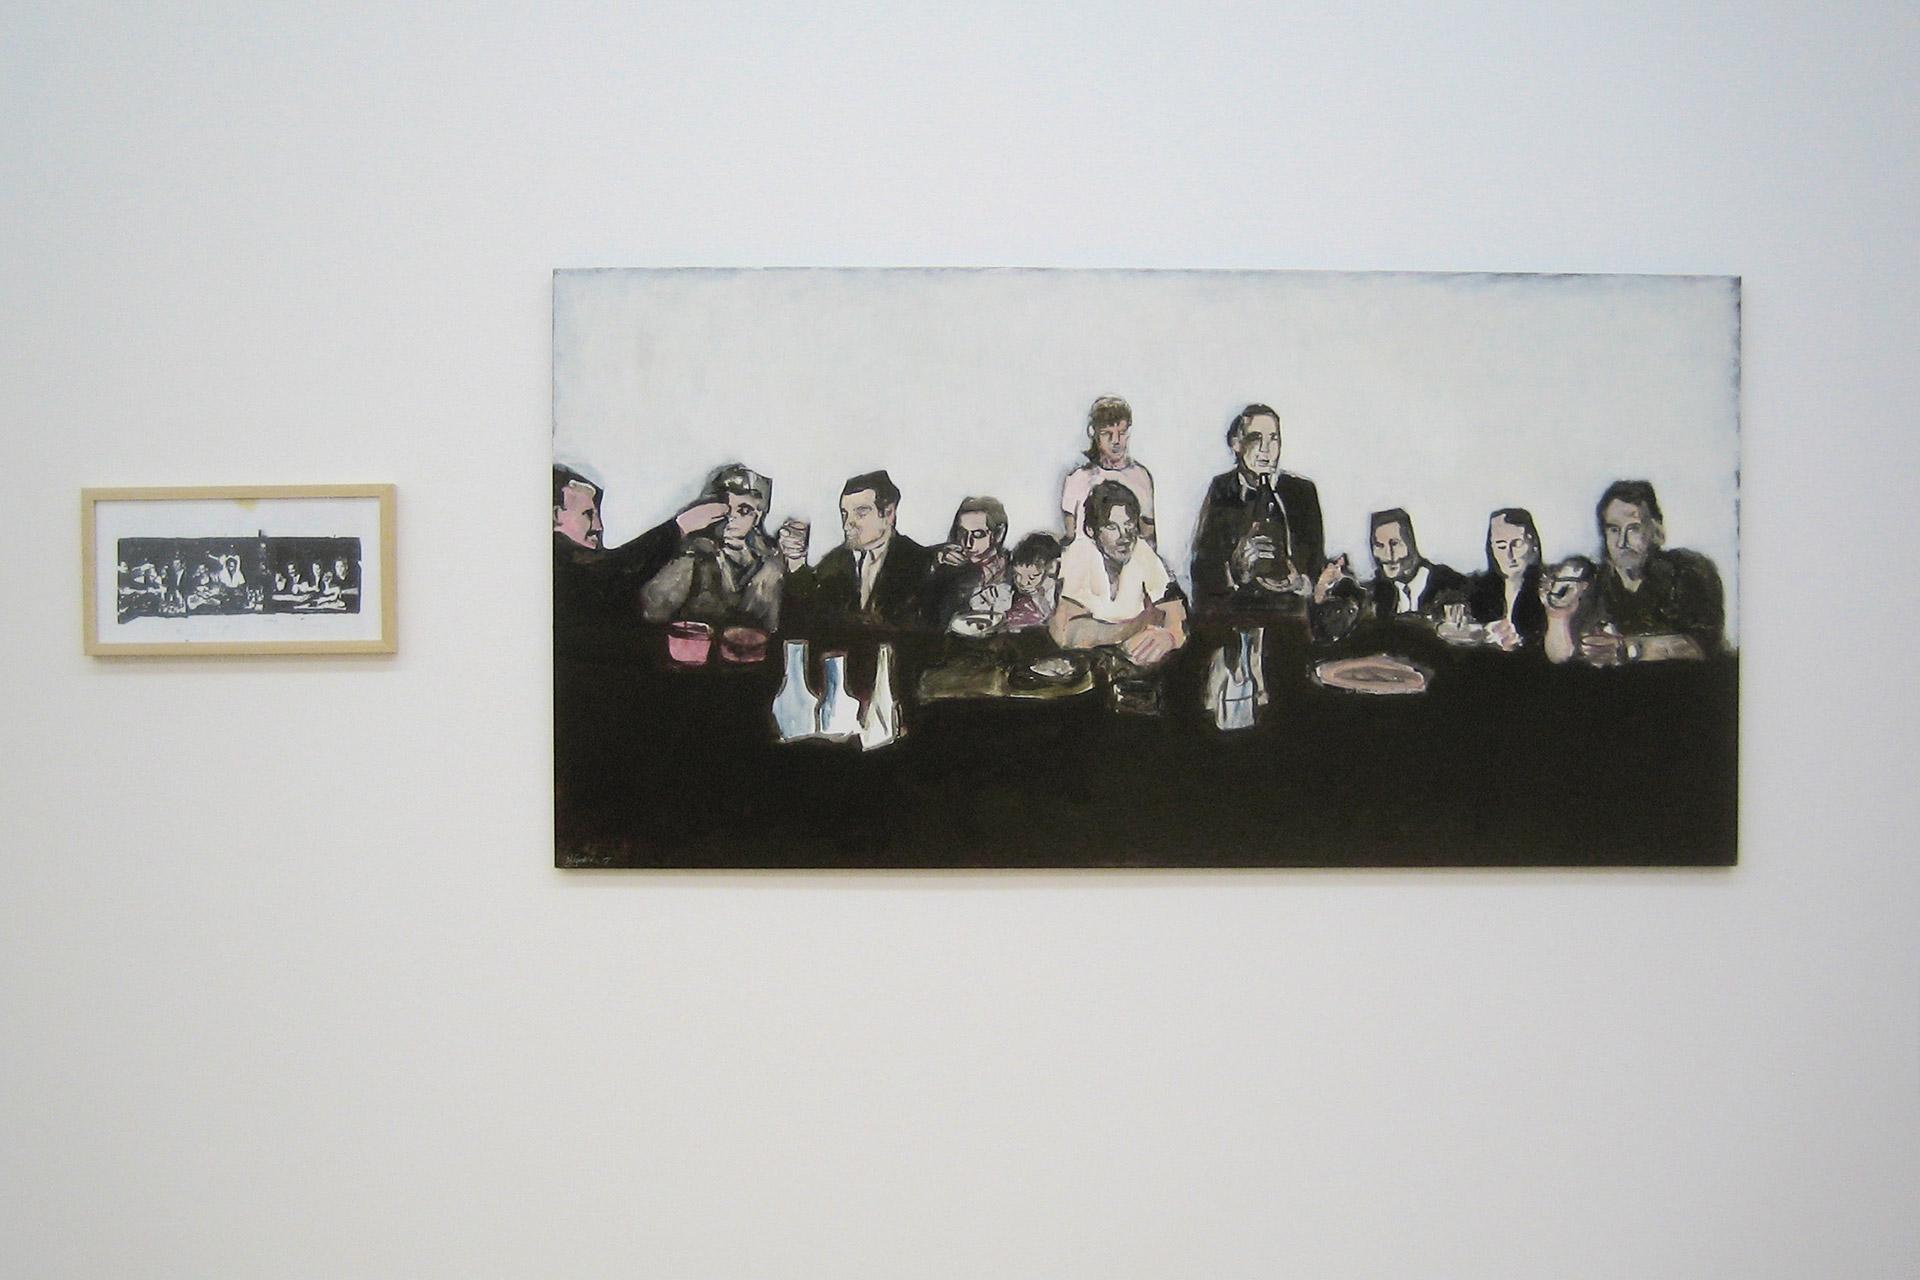 Nicola-Grabiele-Kunsthalle-Winterthur-2008-4.jpg